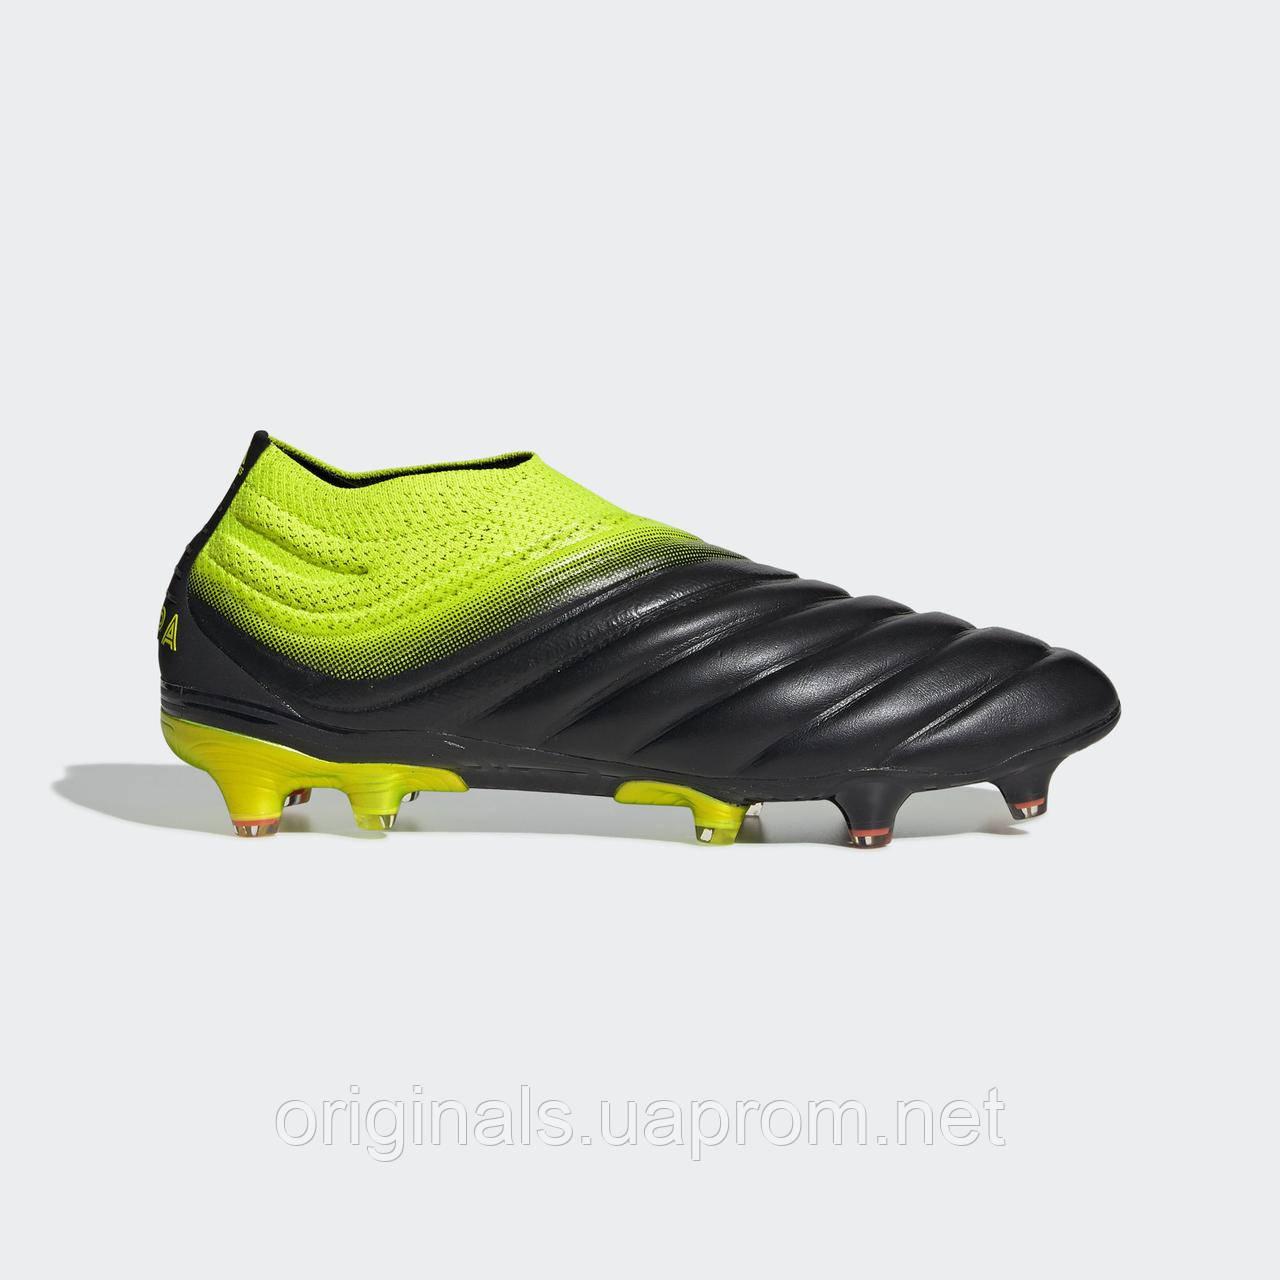 055378db Футбольные бутсы Adidas Copa 19+ FG BB8087 - 2019 - интернет-магазин  Originals -